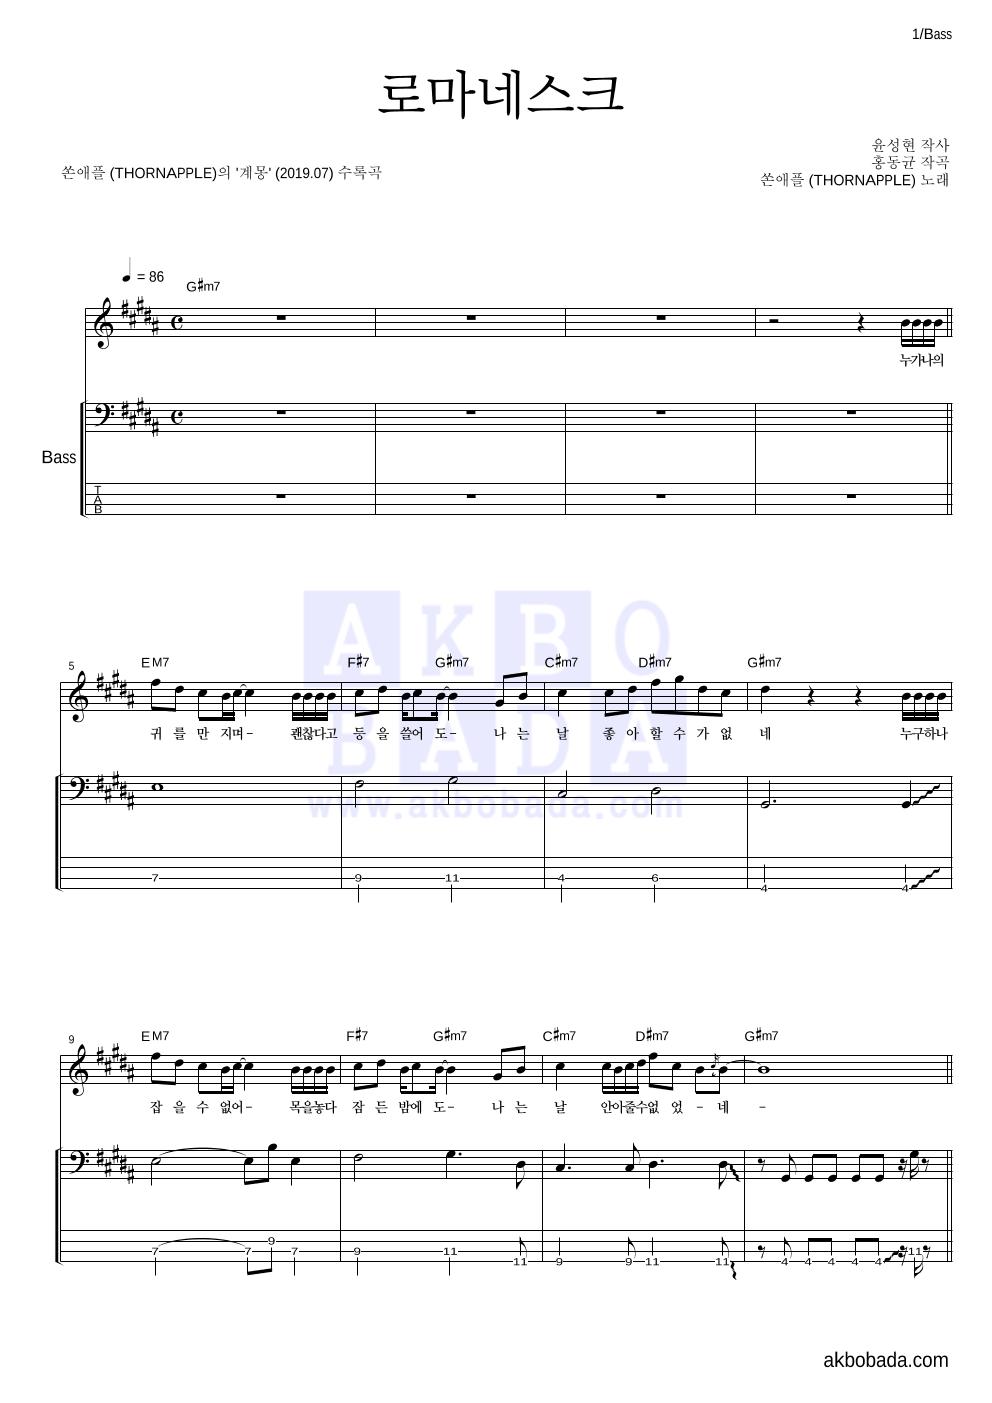 쏜애플 - 로마네스크 베이스 악보